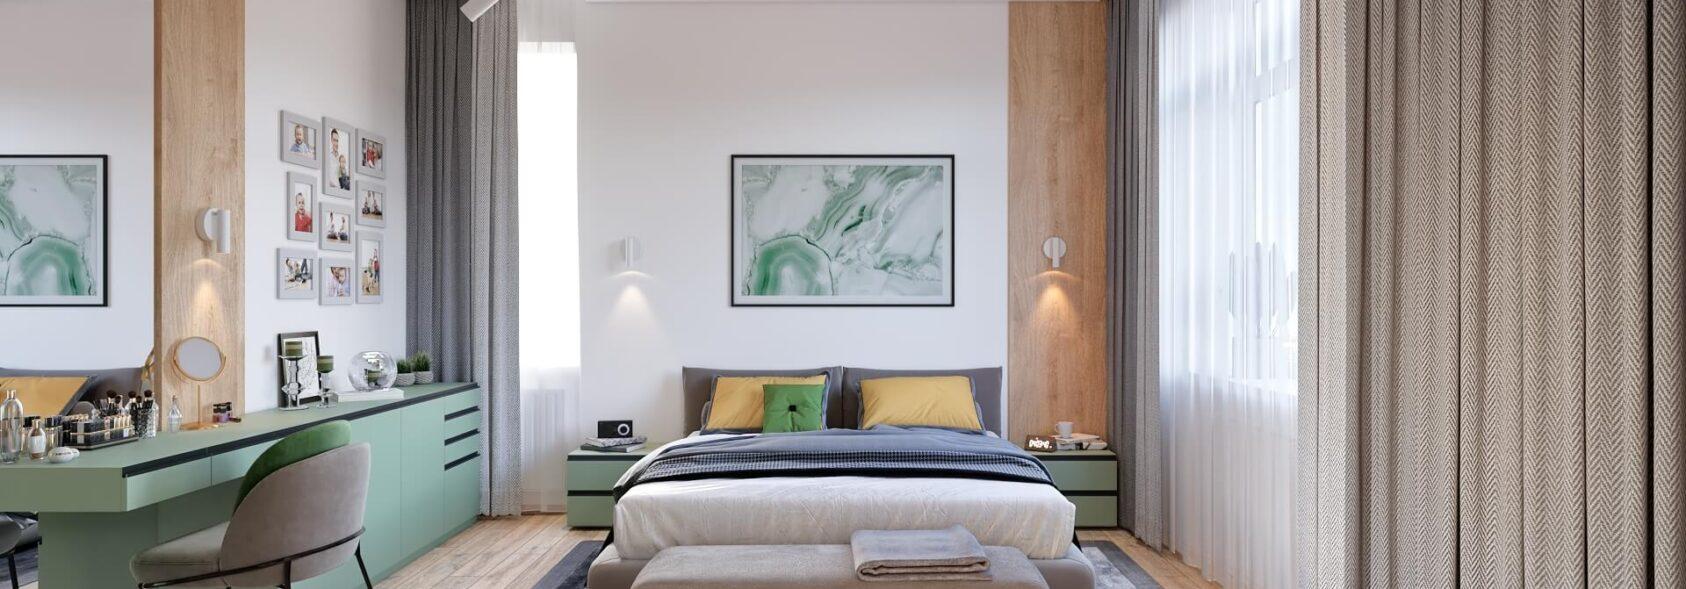 Дизайнер интерьера спальня